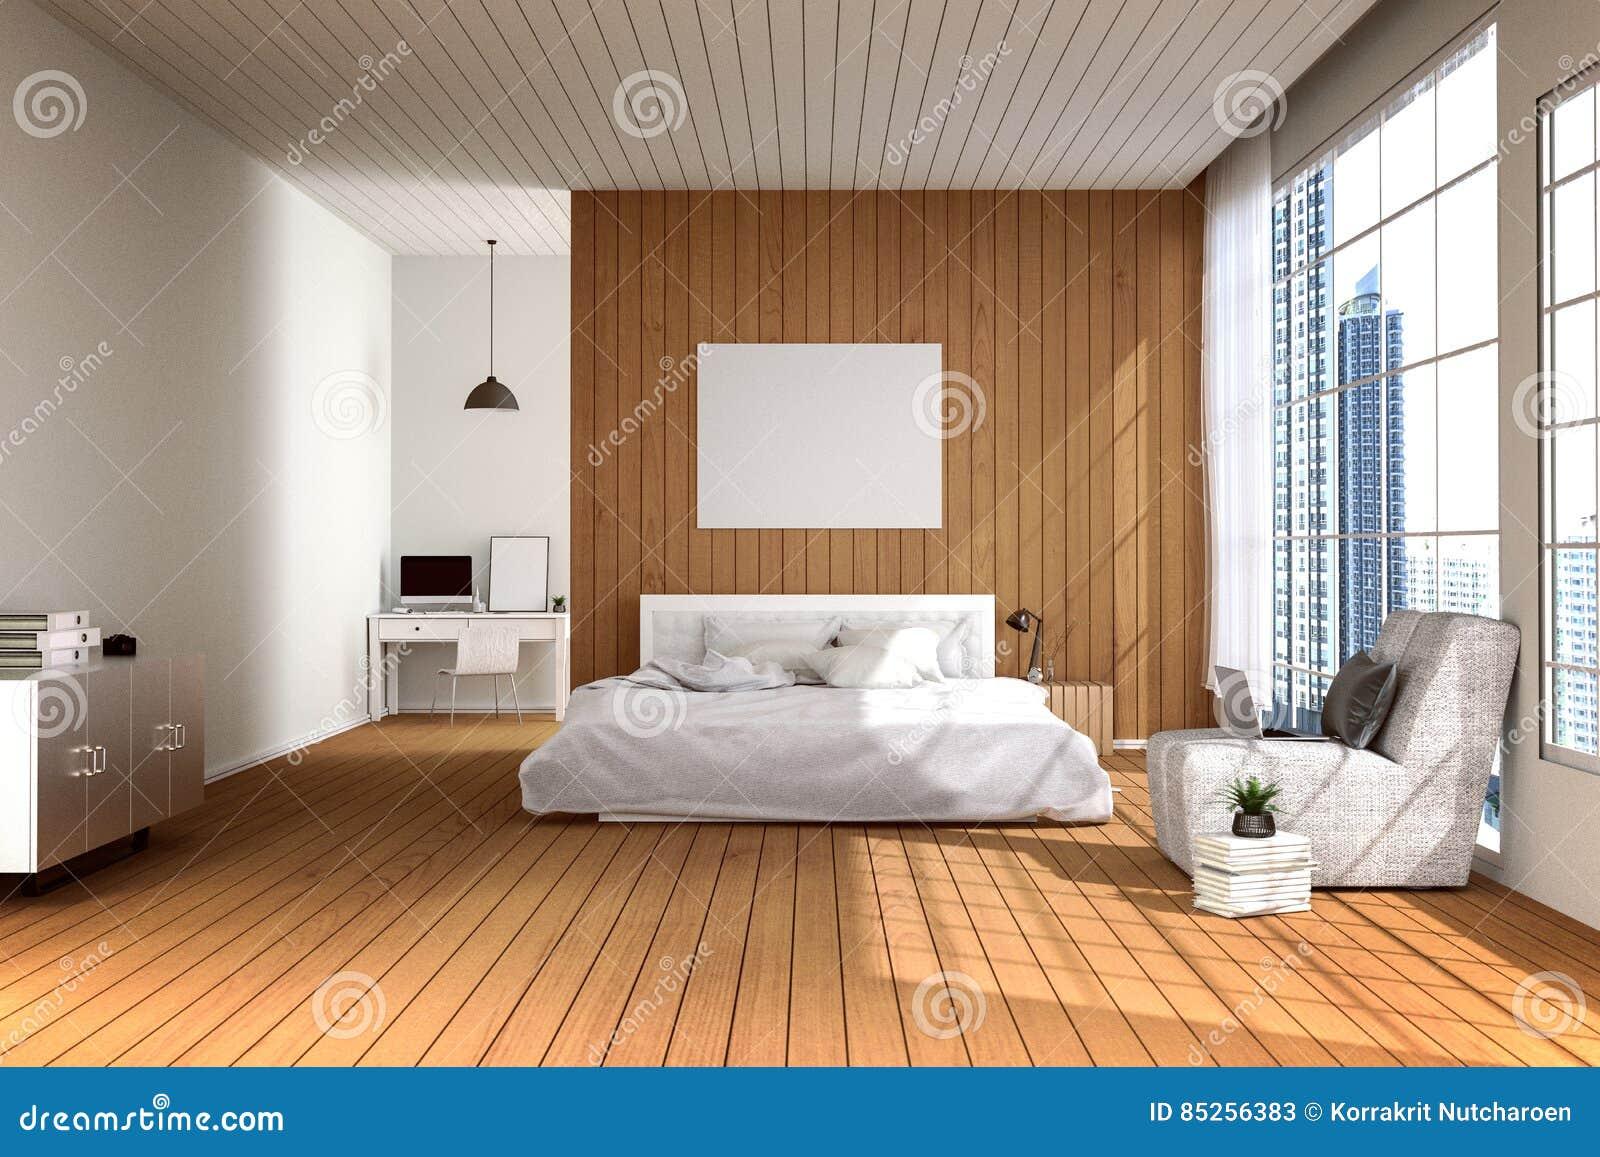 Rendi O 3d Ilustra O Do Quarto Espa Oso Grande Na Cor De Luz  ~ Imagem De Quarto De Casal Moderno